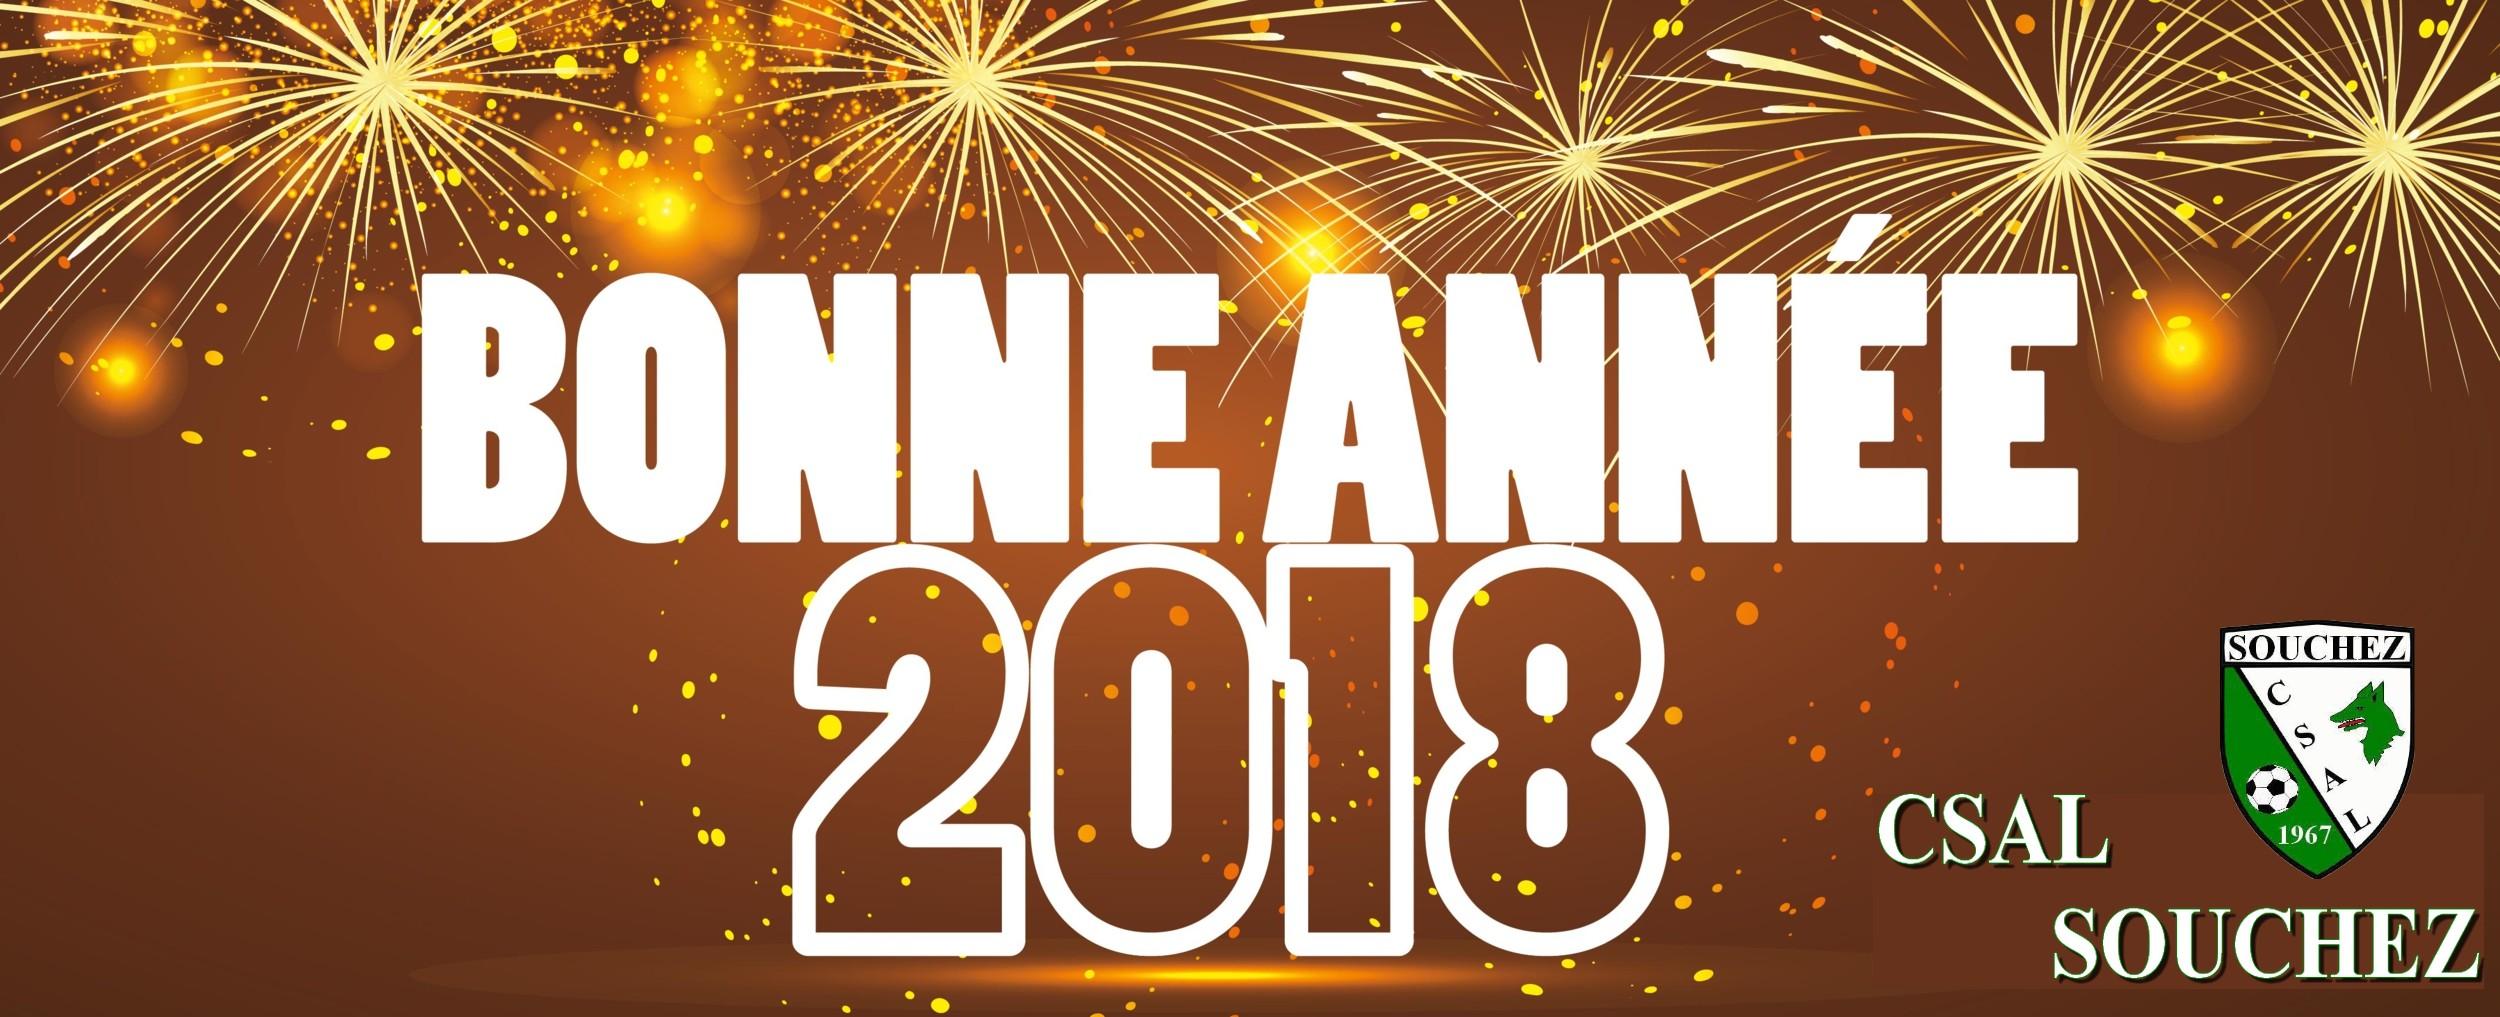 BONNE ANNÉE 2018 CSAL SOUCHEZ.jpeg